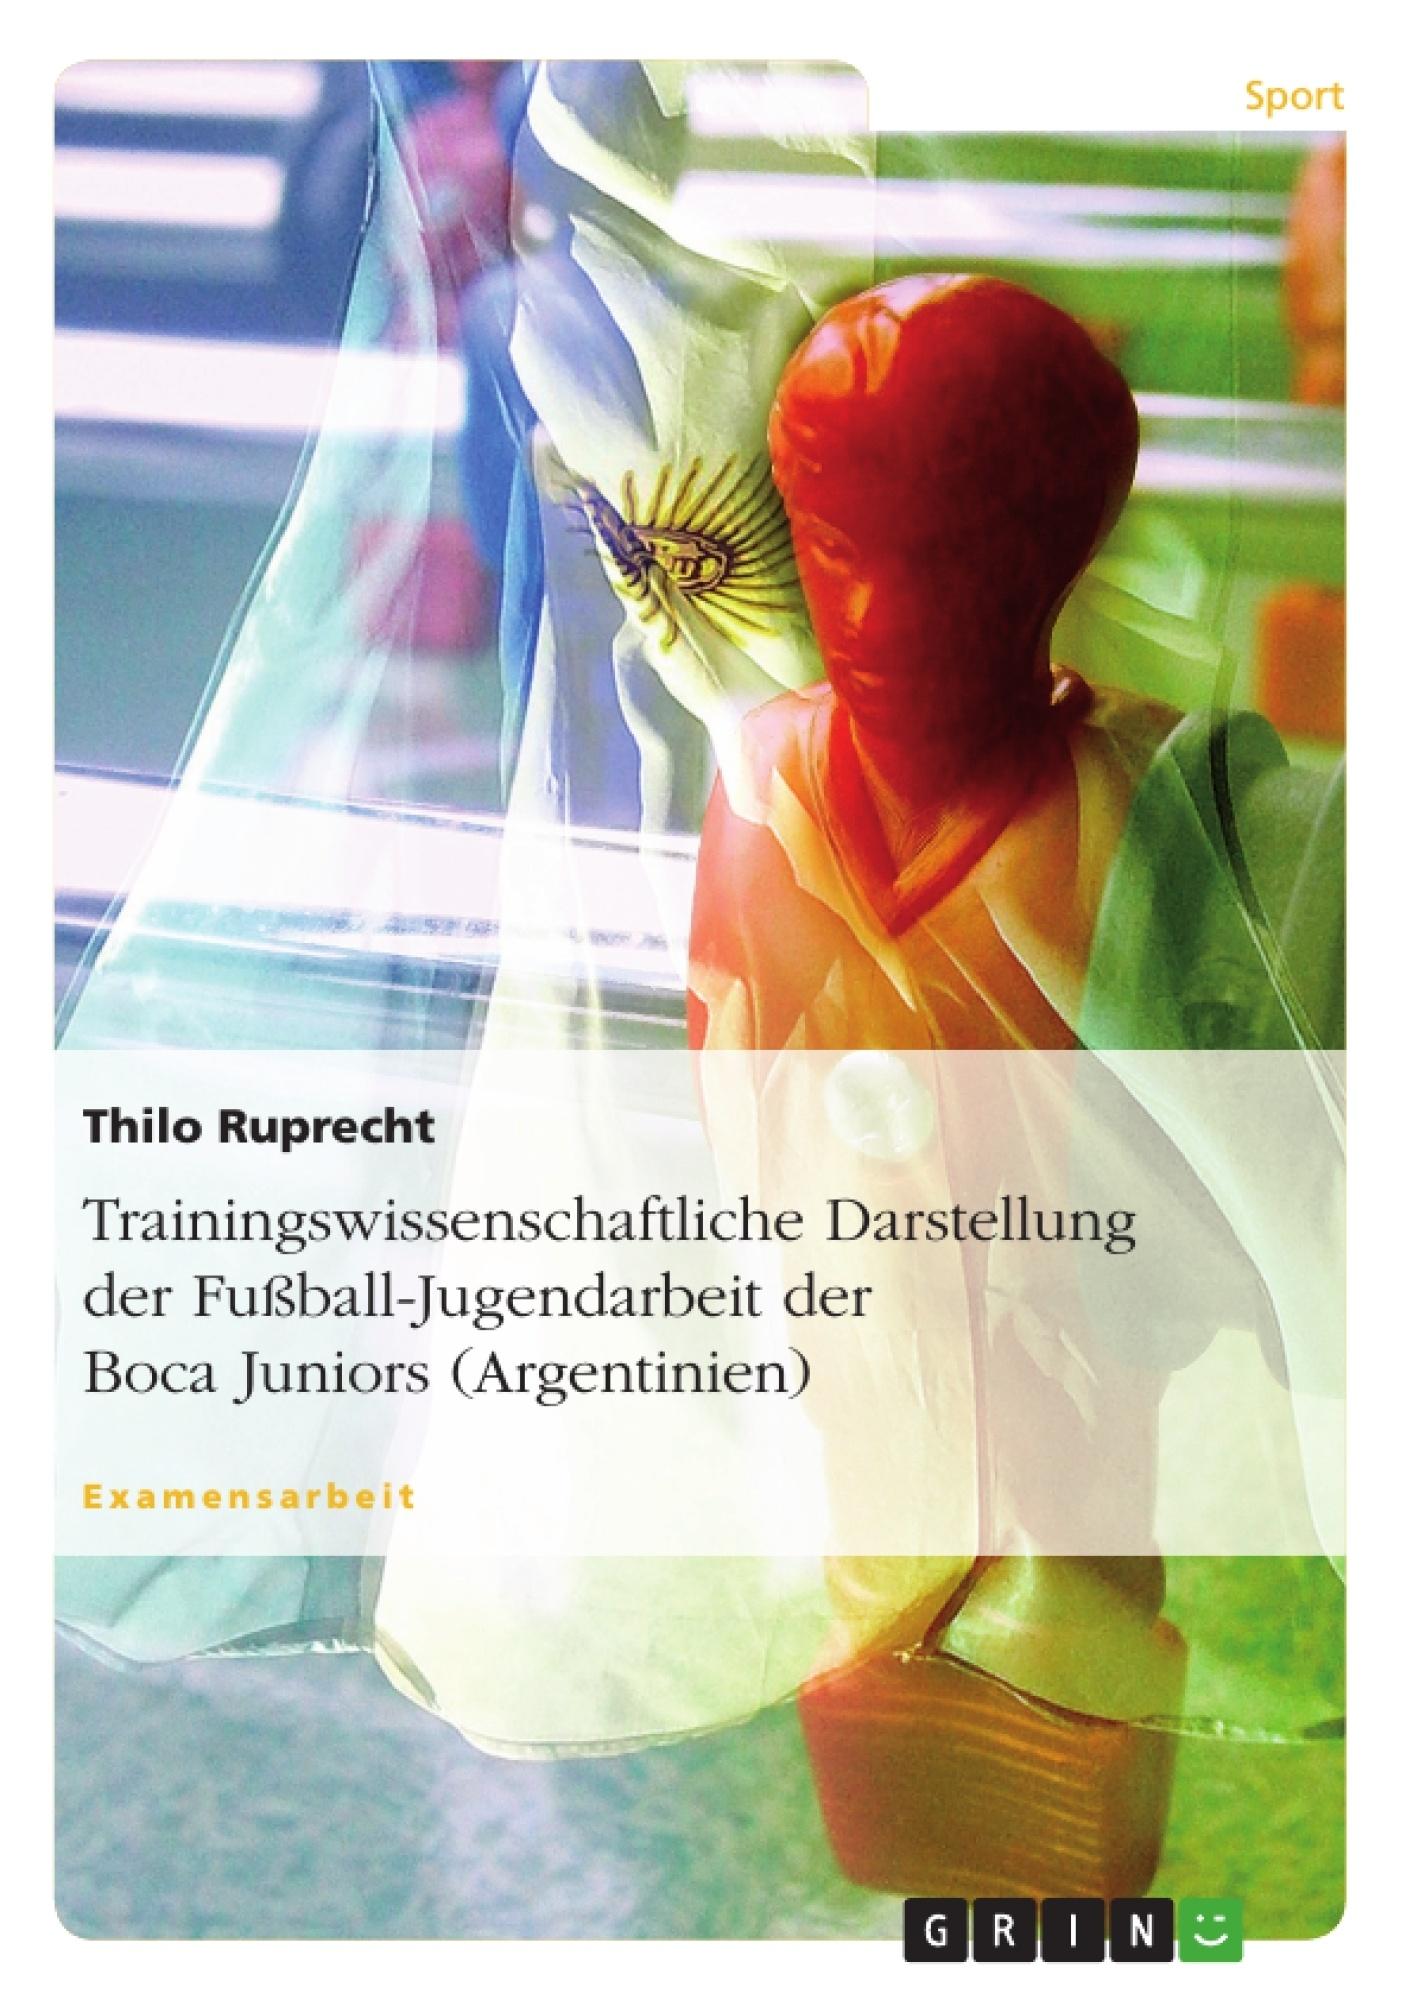 Titel: Trainingswissenschaftliche Darstellung der Fußball-Jugendarbeit der Boca Juniors (Argentinien)